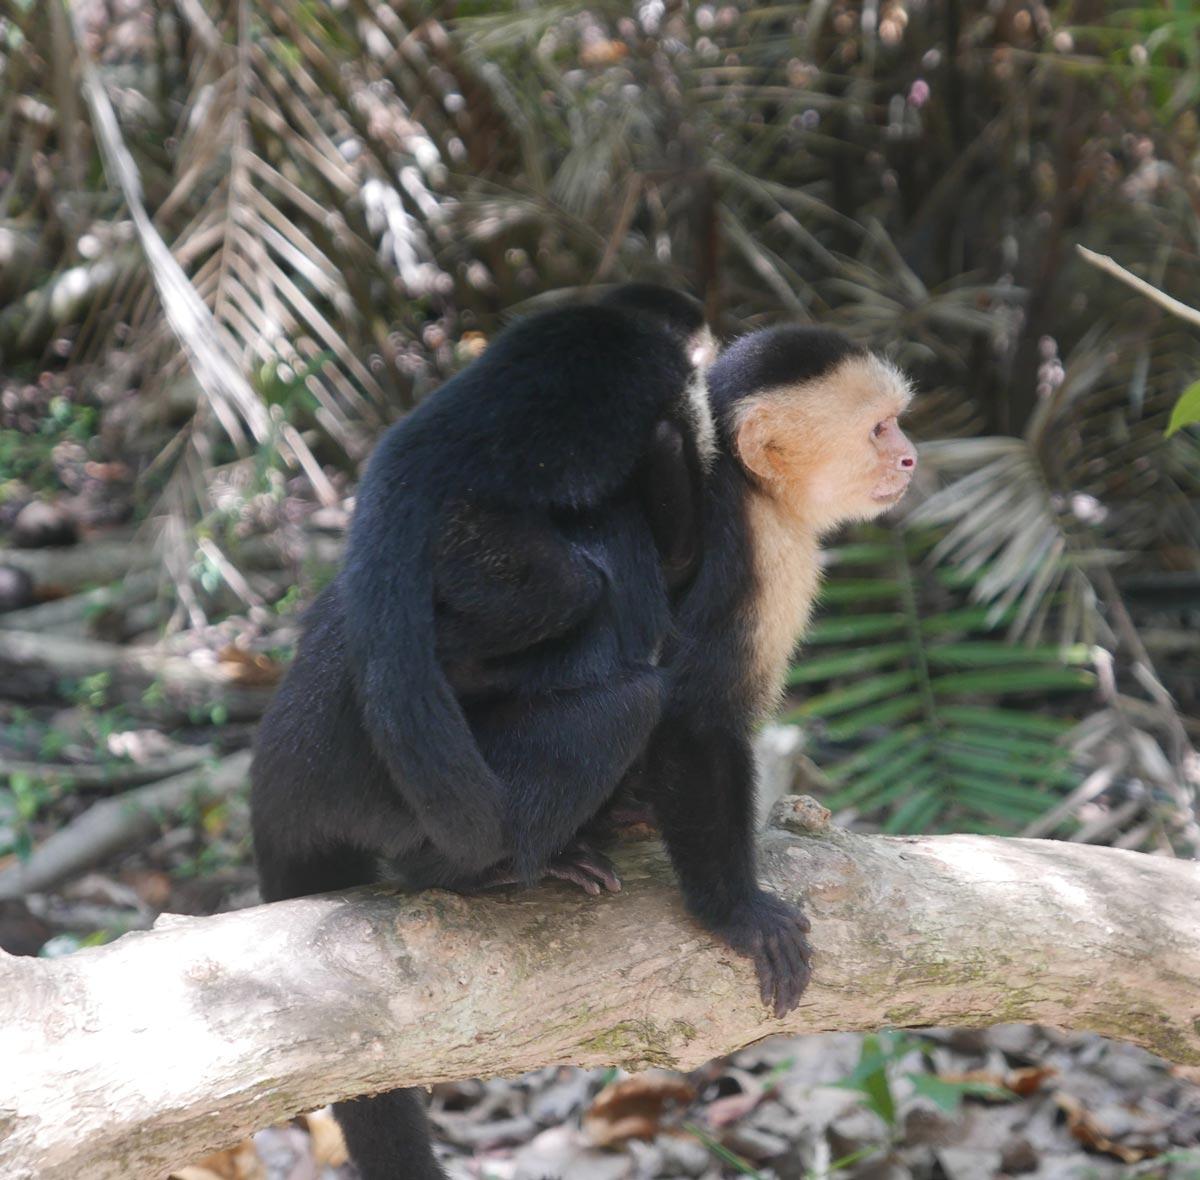 Two monkeys near water tap near Playa Espadilla Sur in Manuel Antonio national park